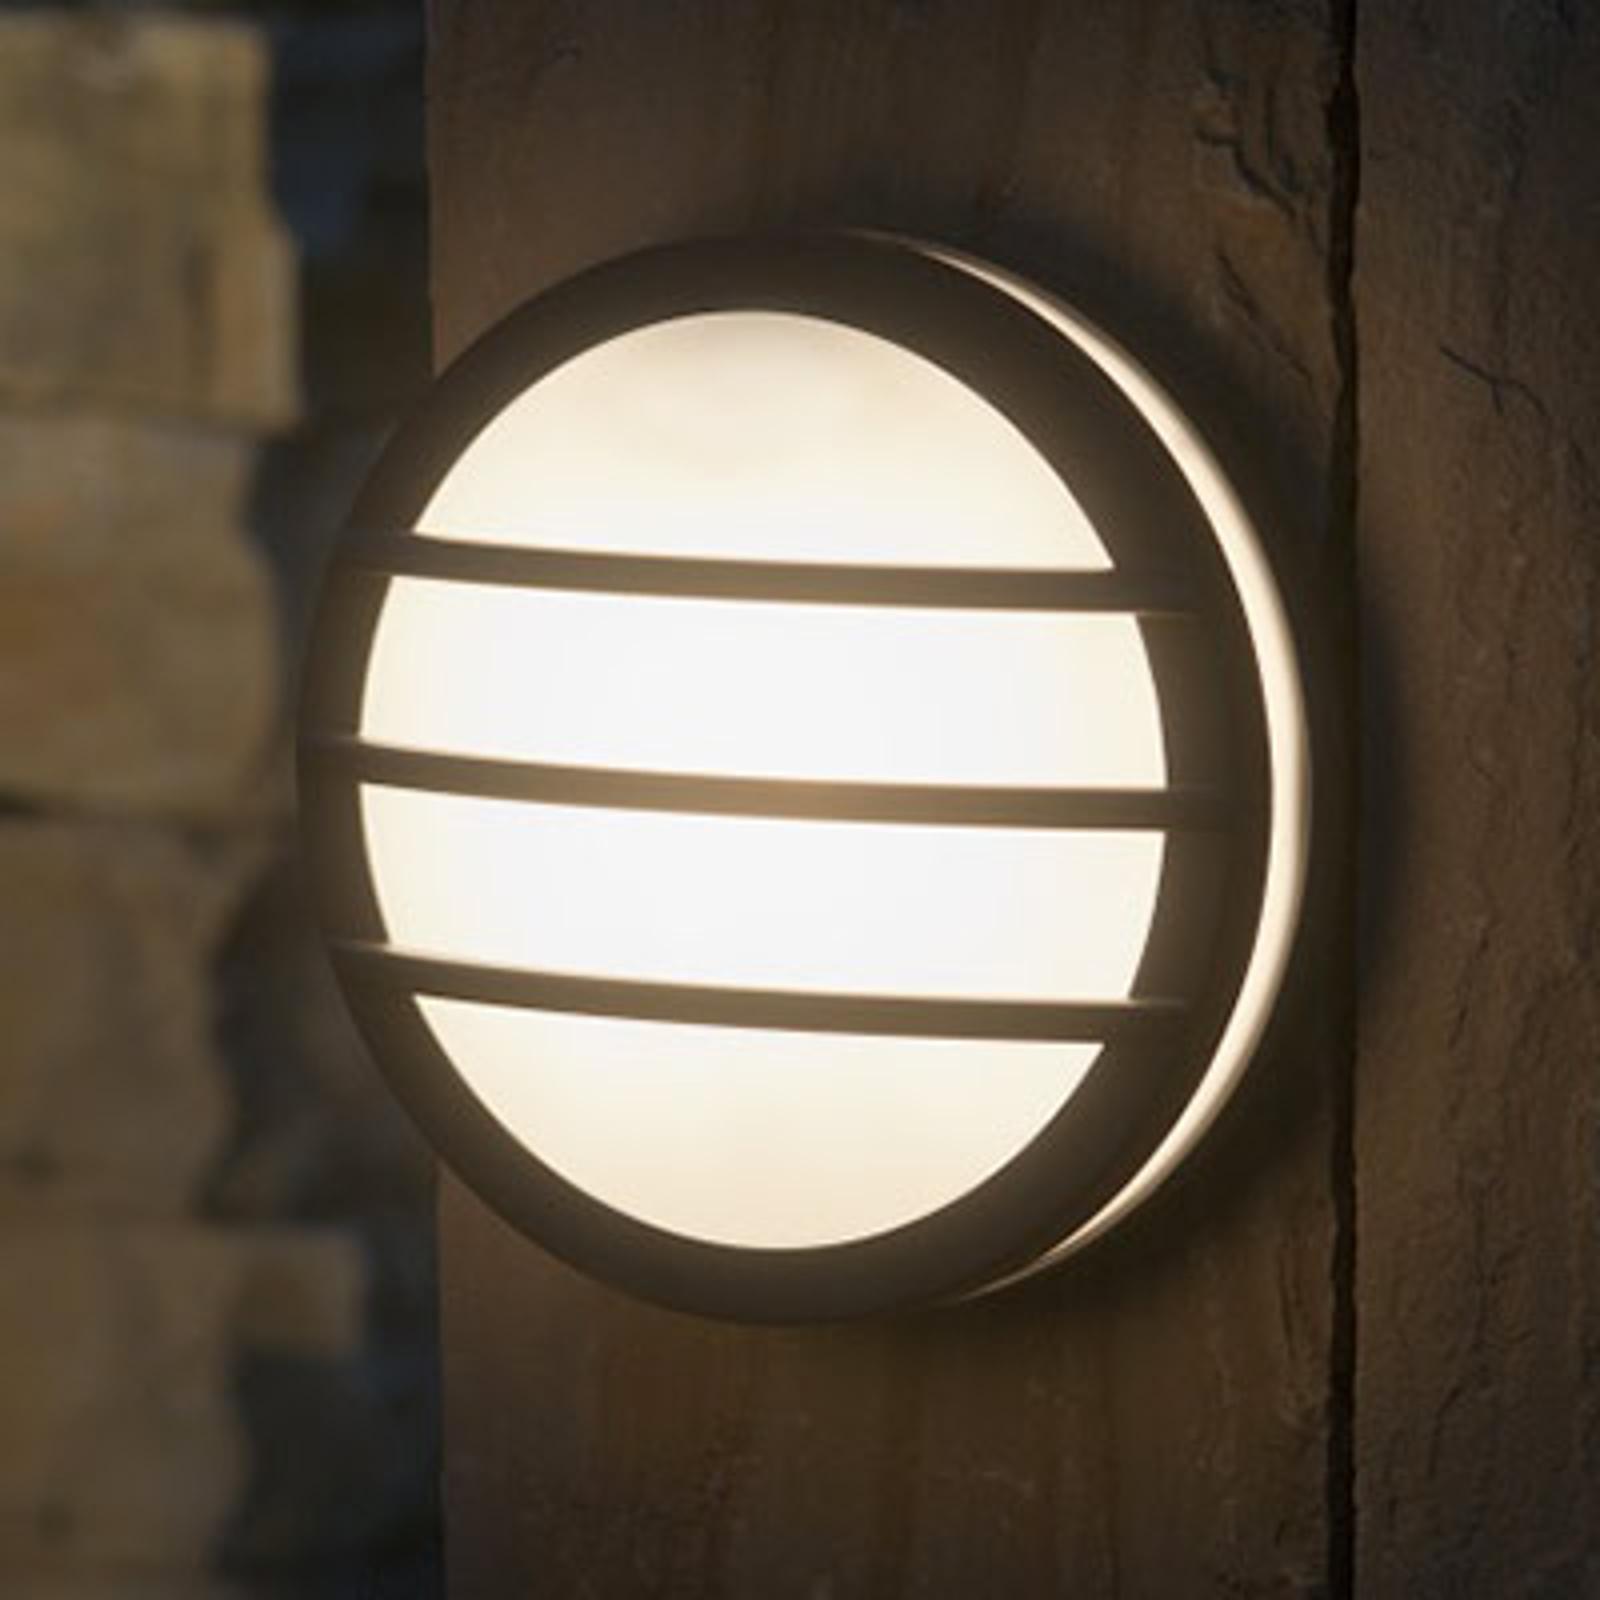 Round NANDIN exterior wall light_3006055_1